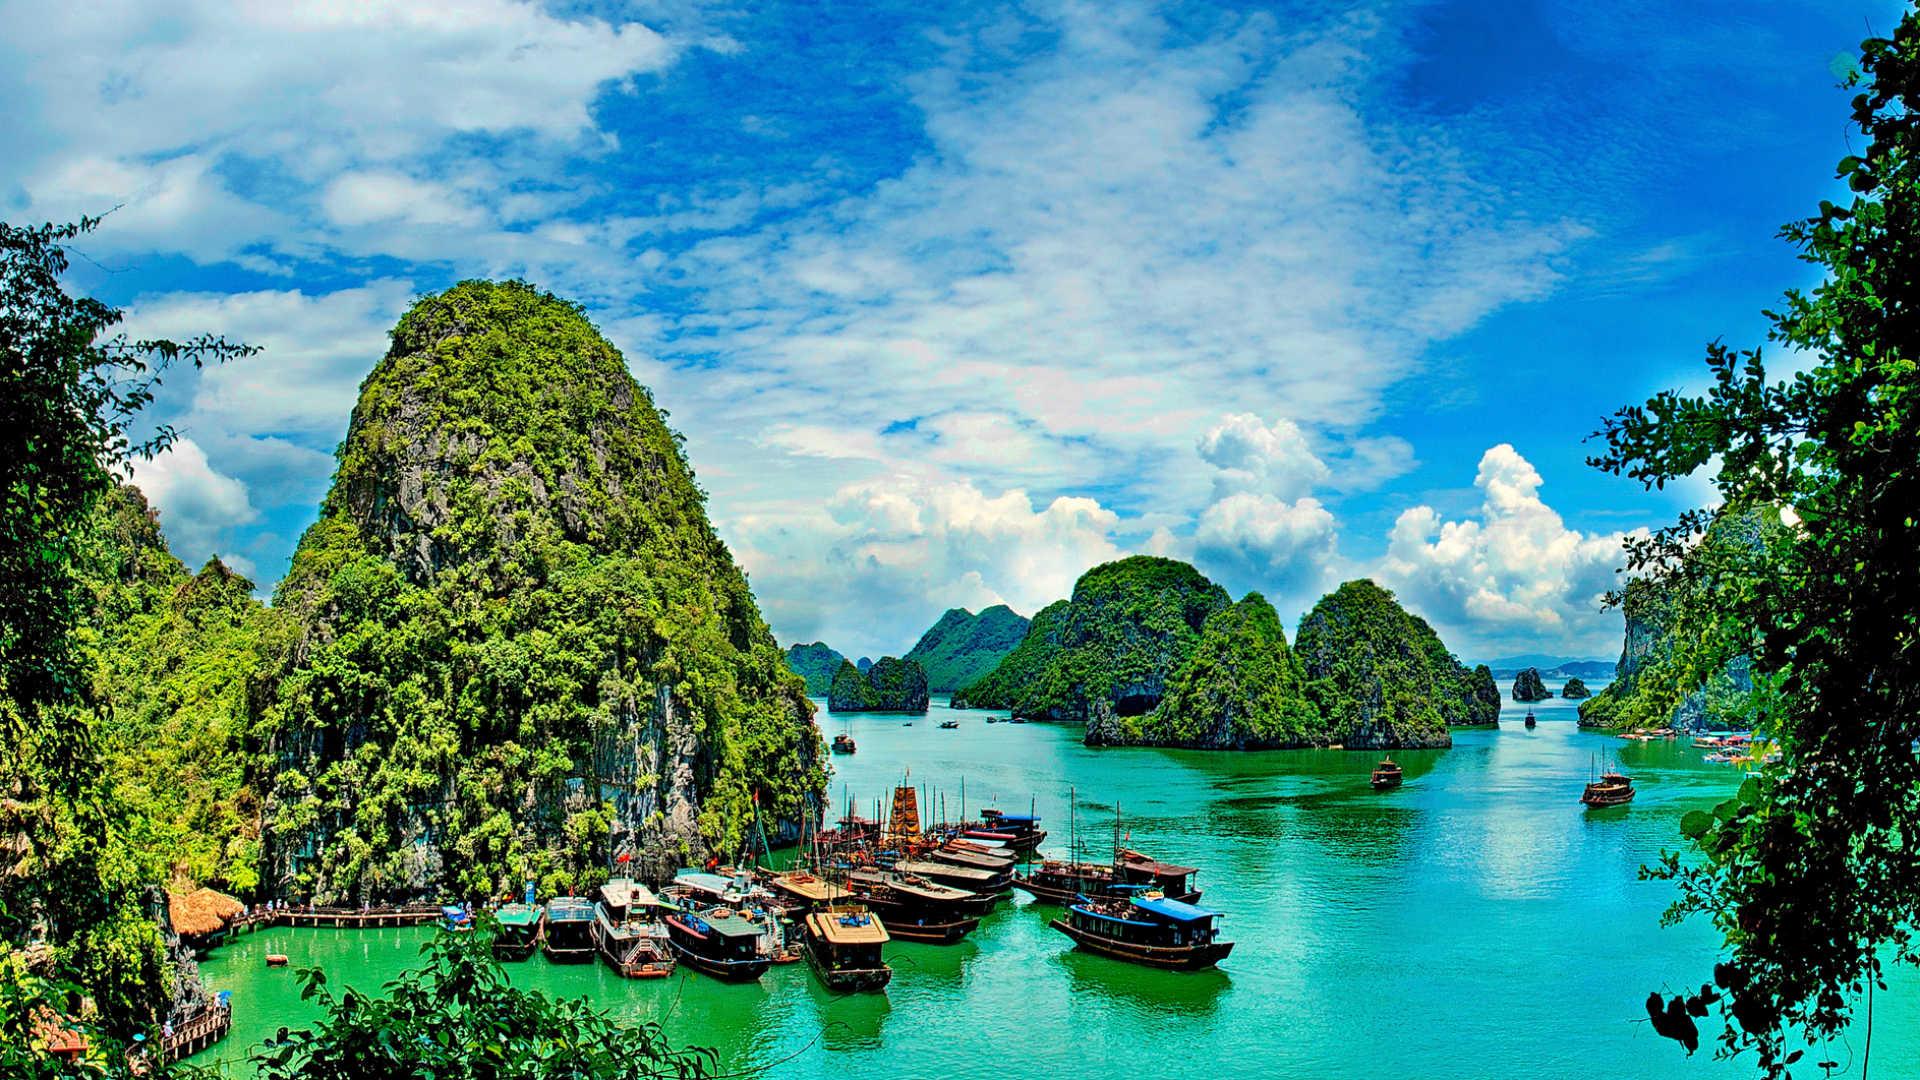 درباره آب و هوای تایلند بیشتر بدانید